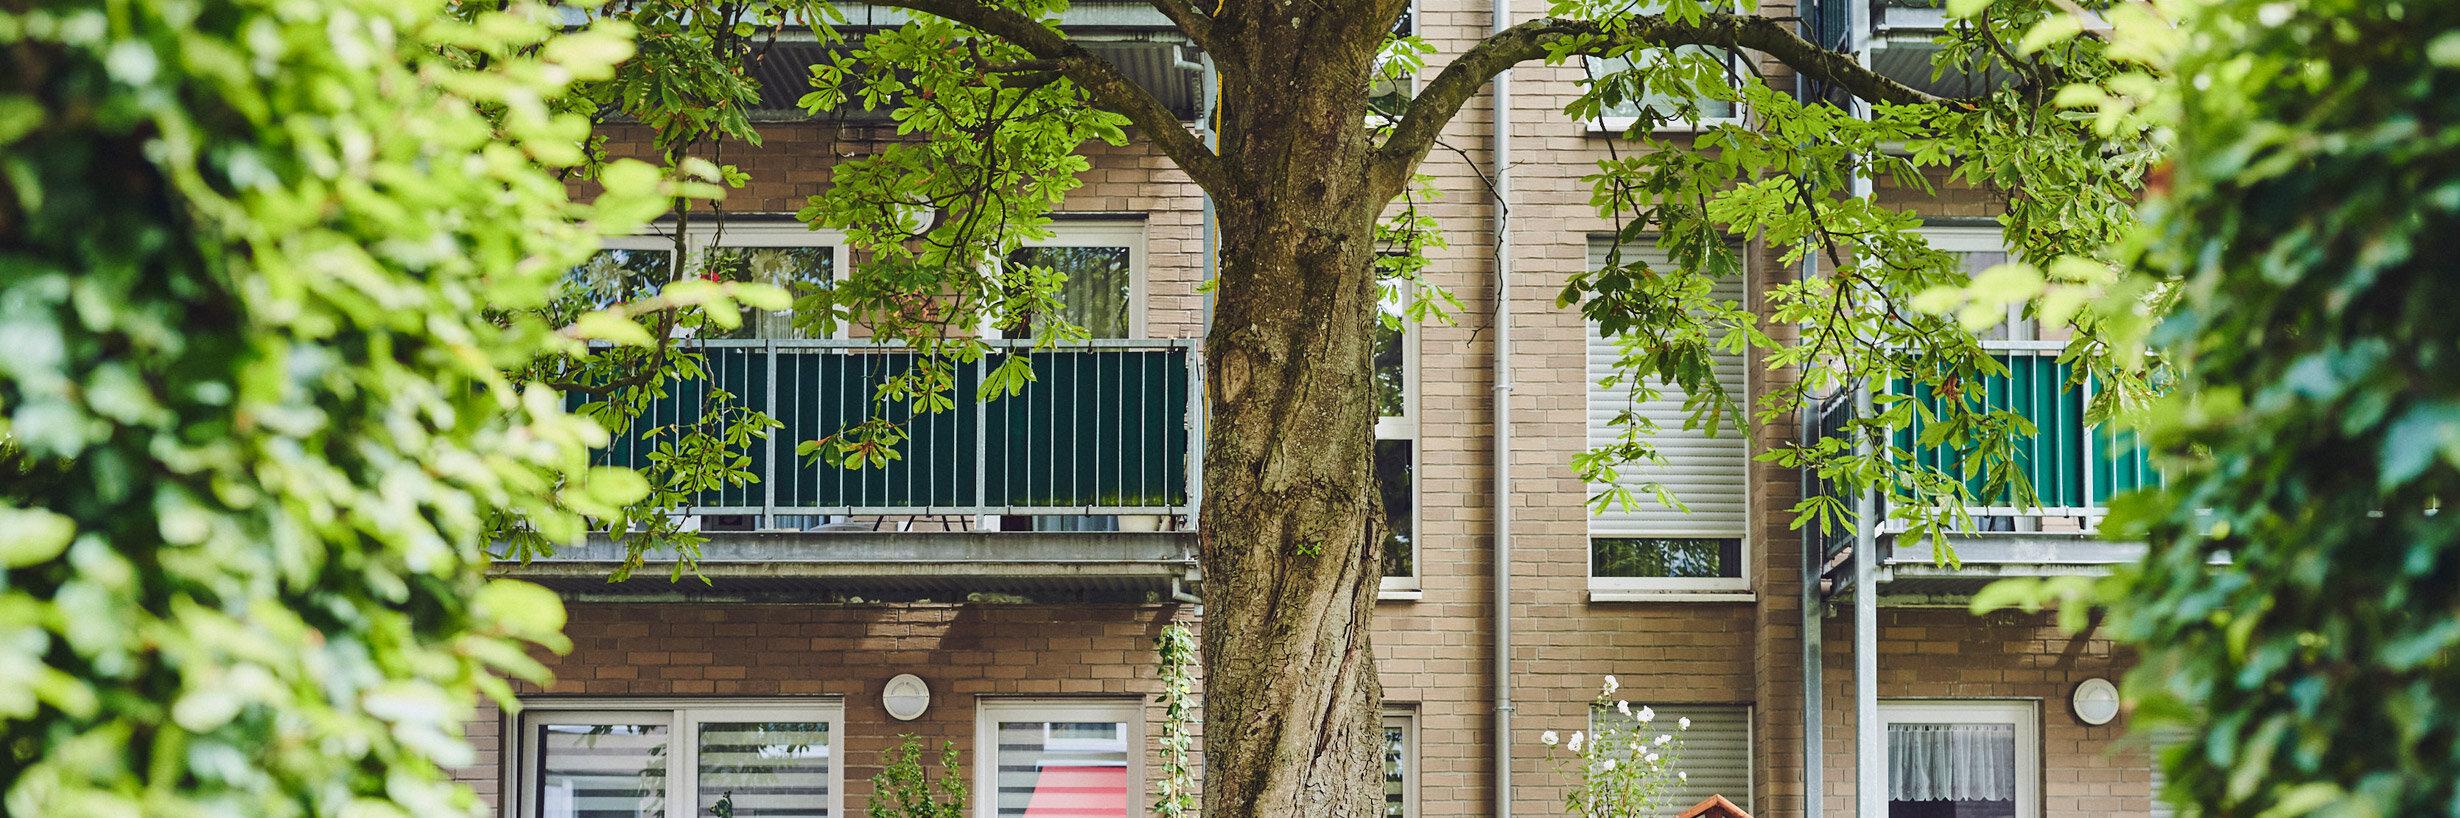 Gartenbank unter einem großen Baum  in der Anlage Johanniter-Stift Köln Flittard.